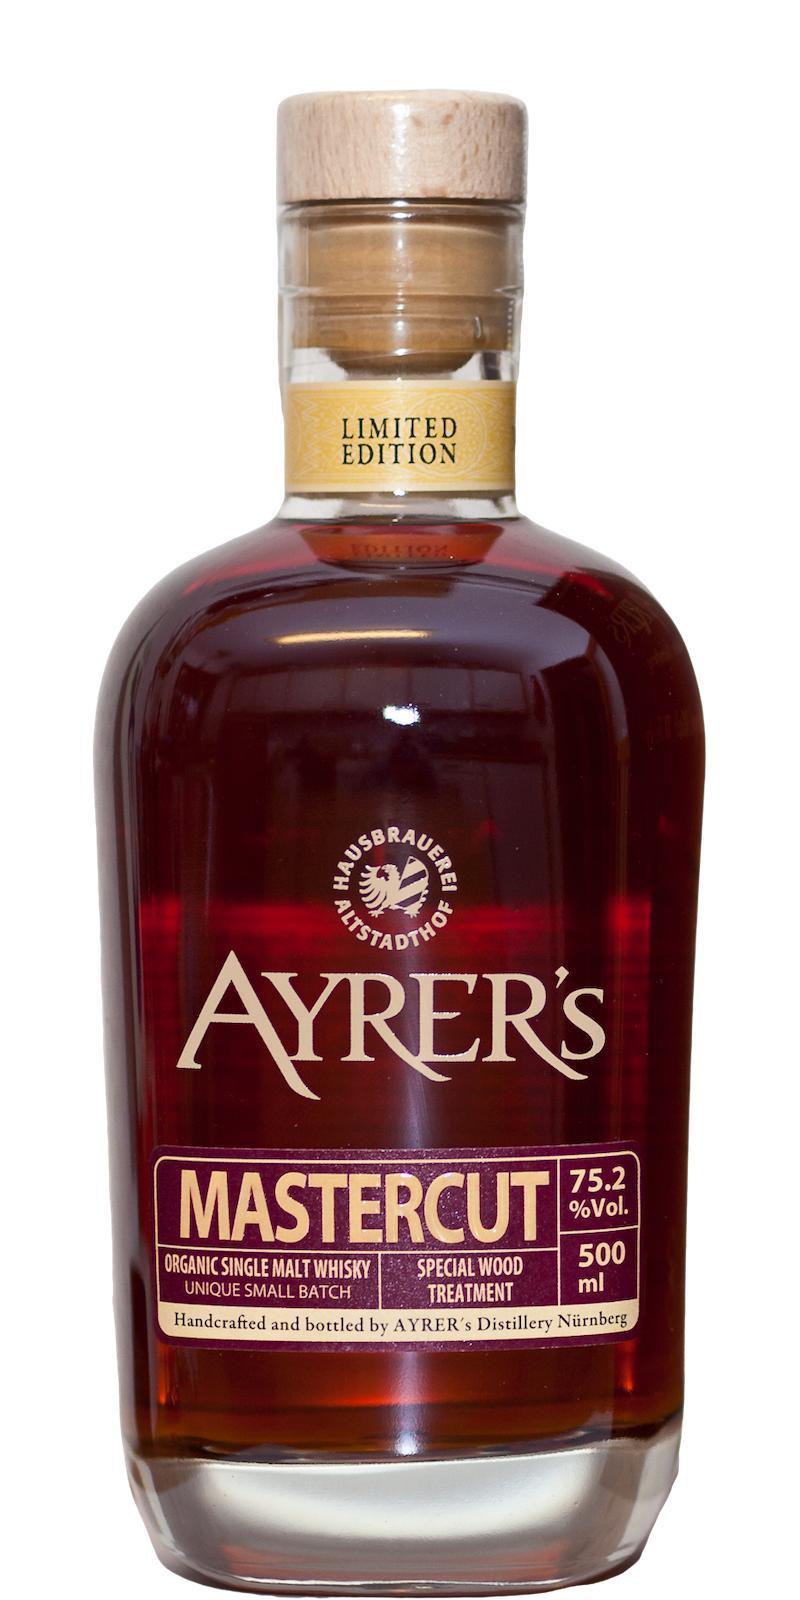 Ayrer's Mastercut 2020